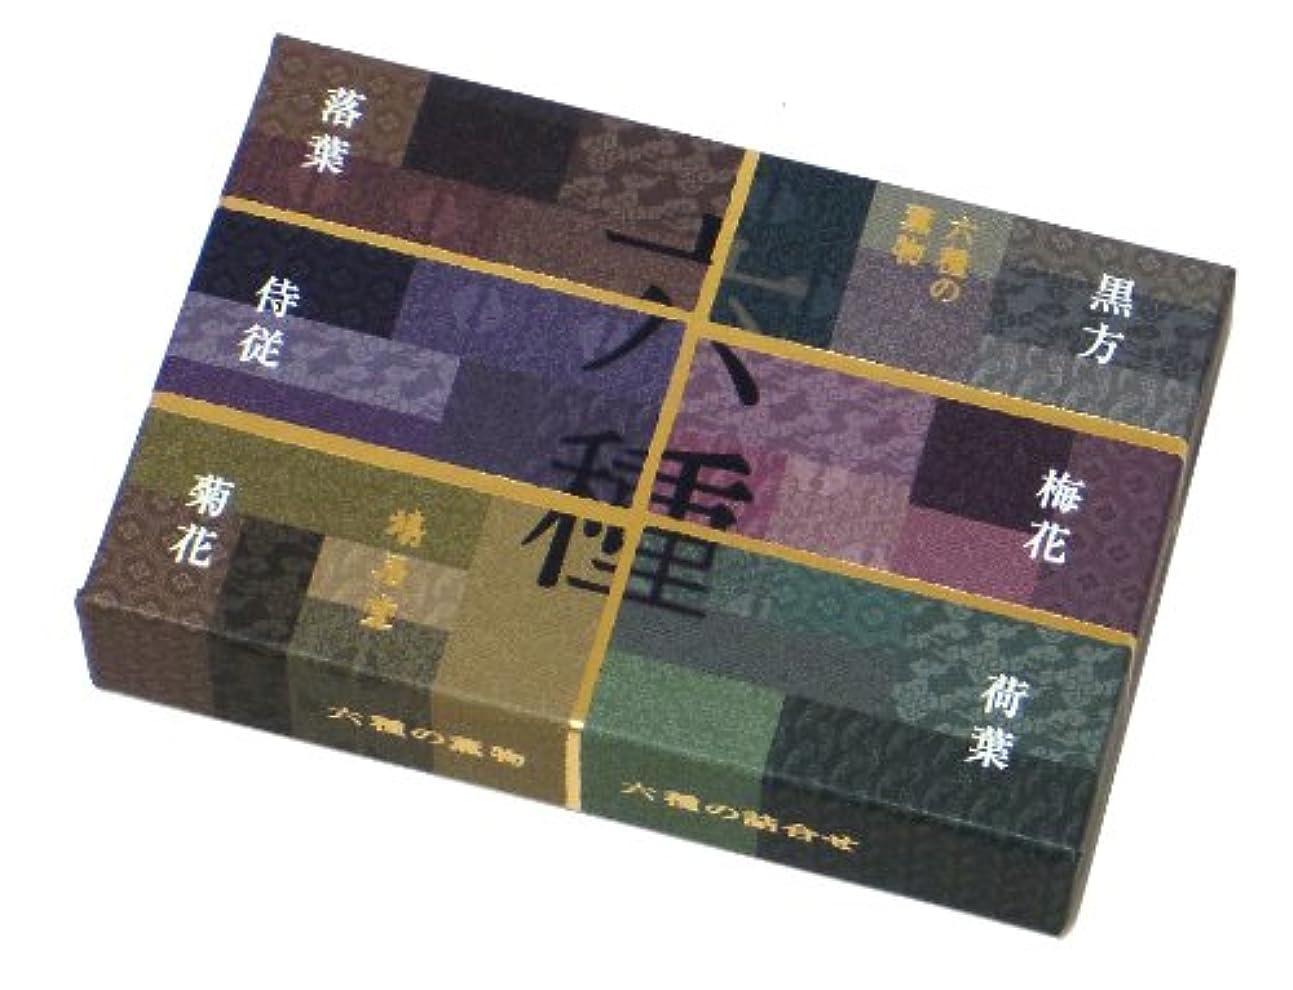 タイヤ余剰スコア鳩居堂のお香 六種の薫物6種セット 6種類各5本入 6cm 香立入